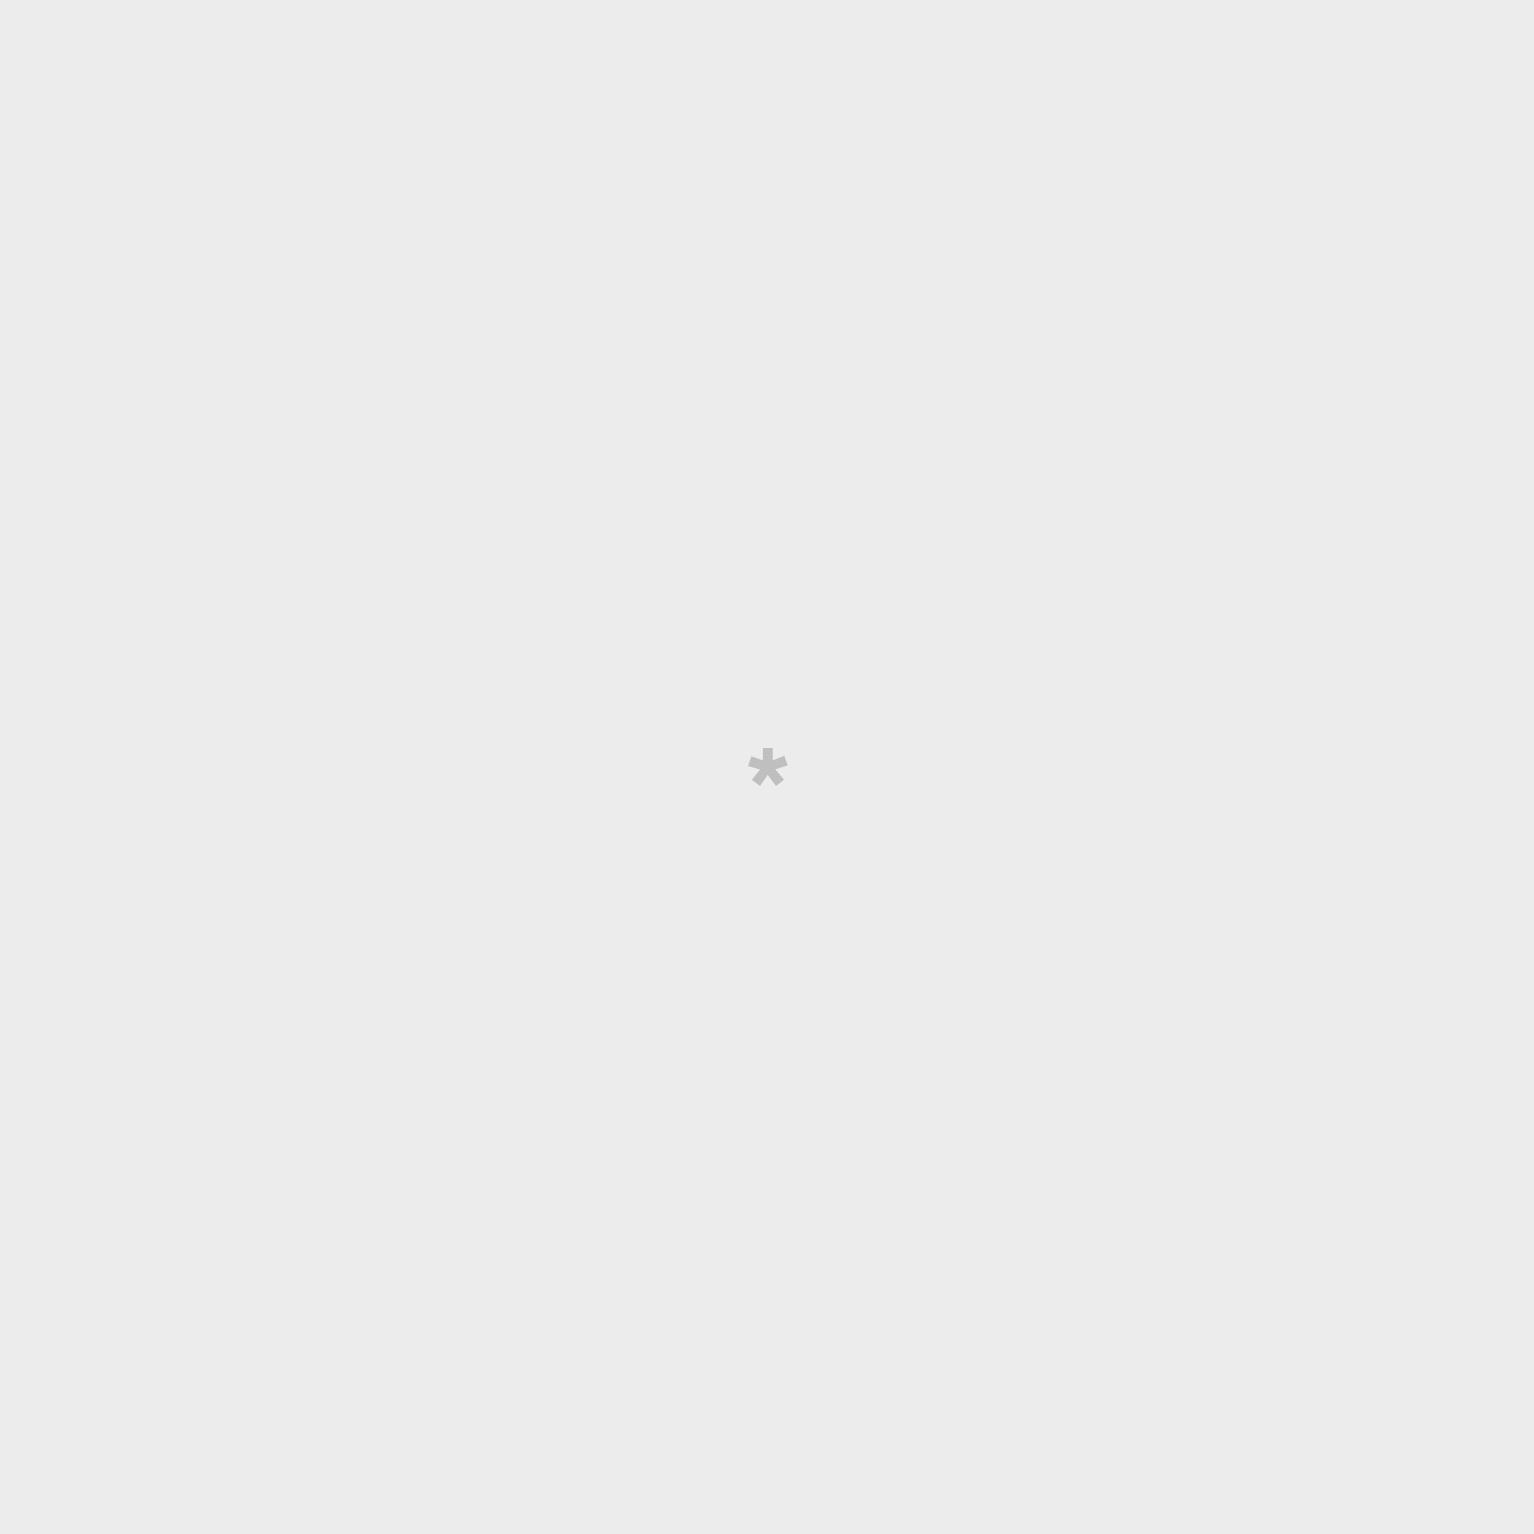 Organizador de produtividade - Aqui há tempo para dar tudo por tudo